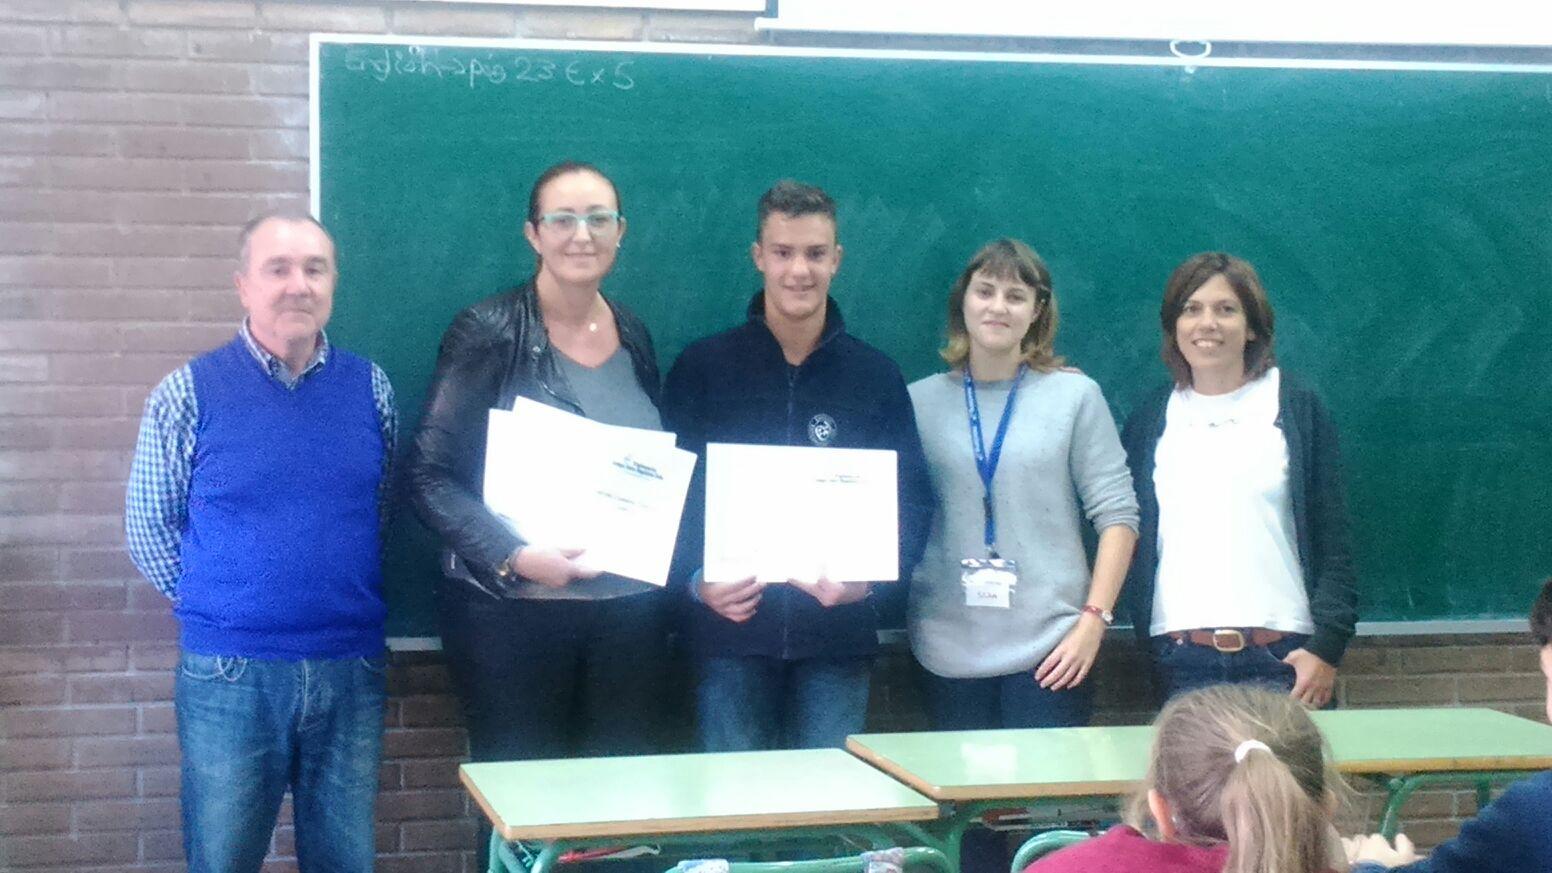 Los alumnos reciben los títulos del nivel A2 de inglés